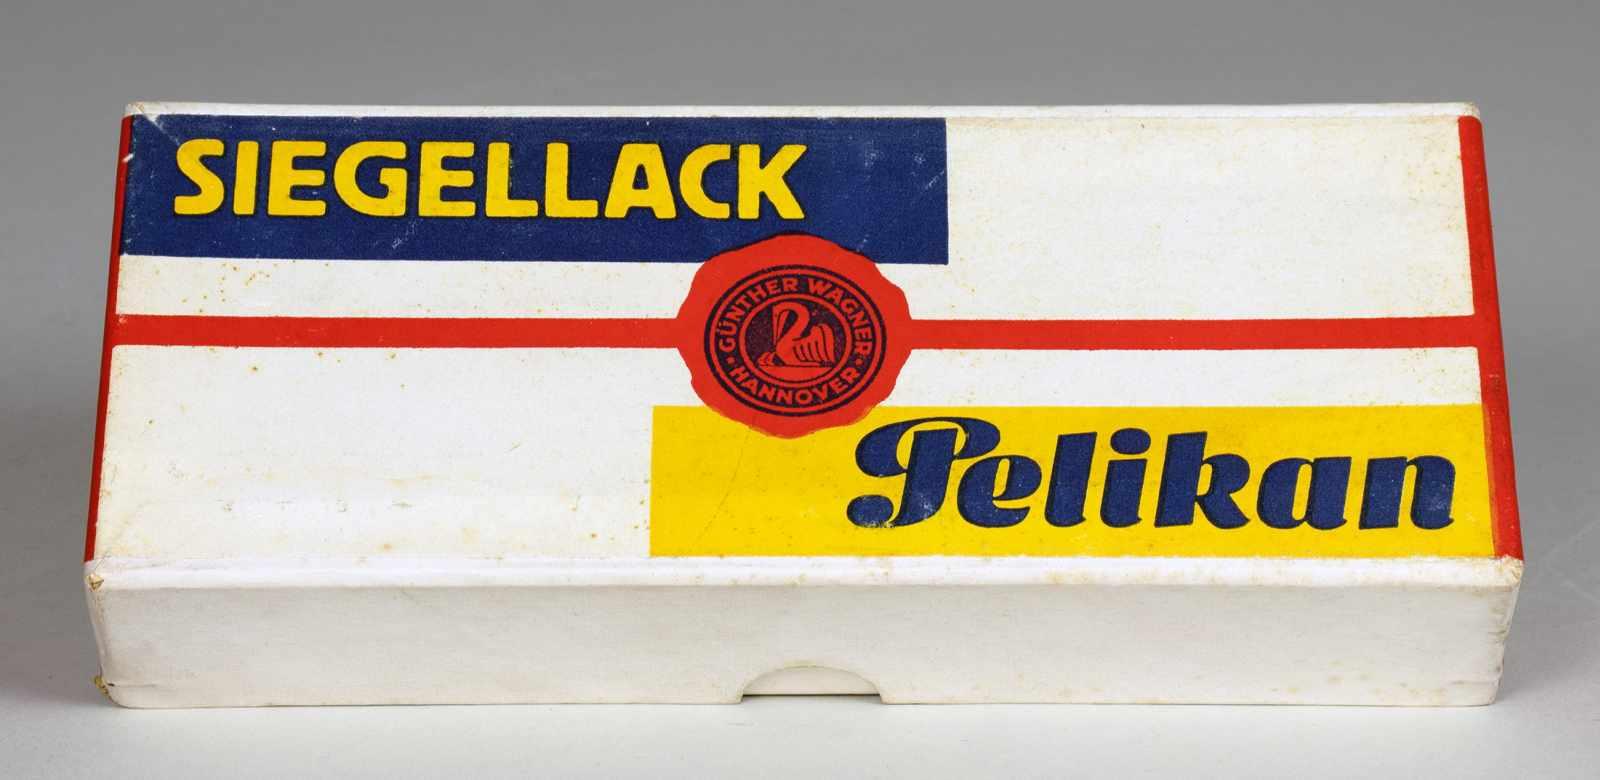 El Lissitzky - Pelikan Siegellack. Originalkartonschachtel mit farbiger Banderole. Entwurf: El